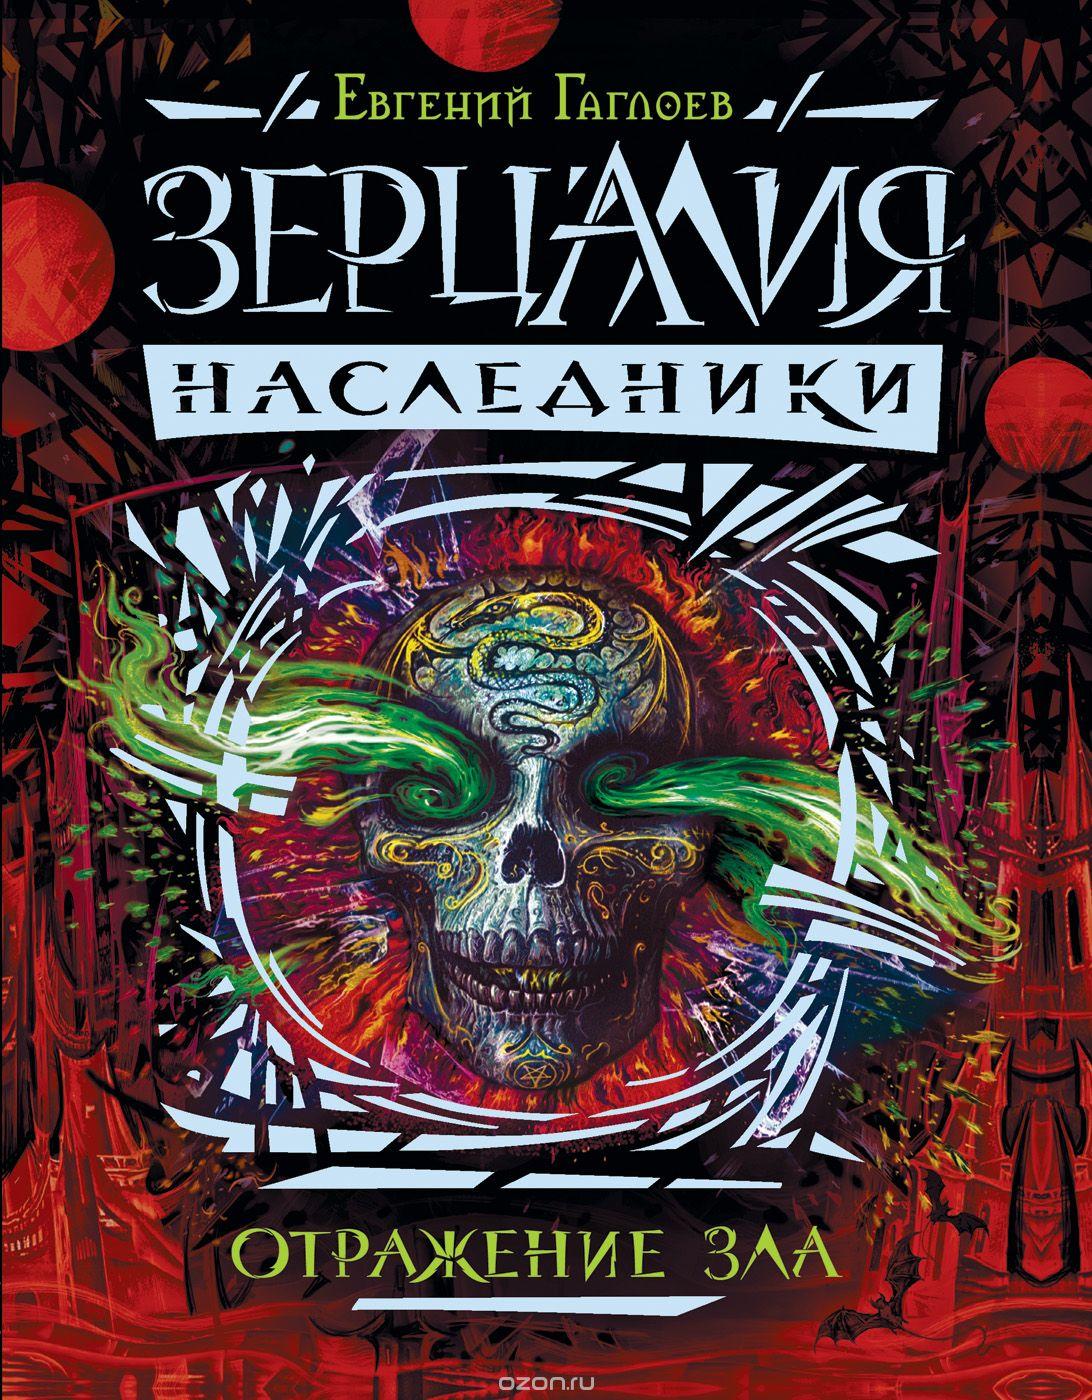 Zertsaliya Nasledniki-2